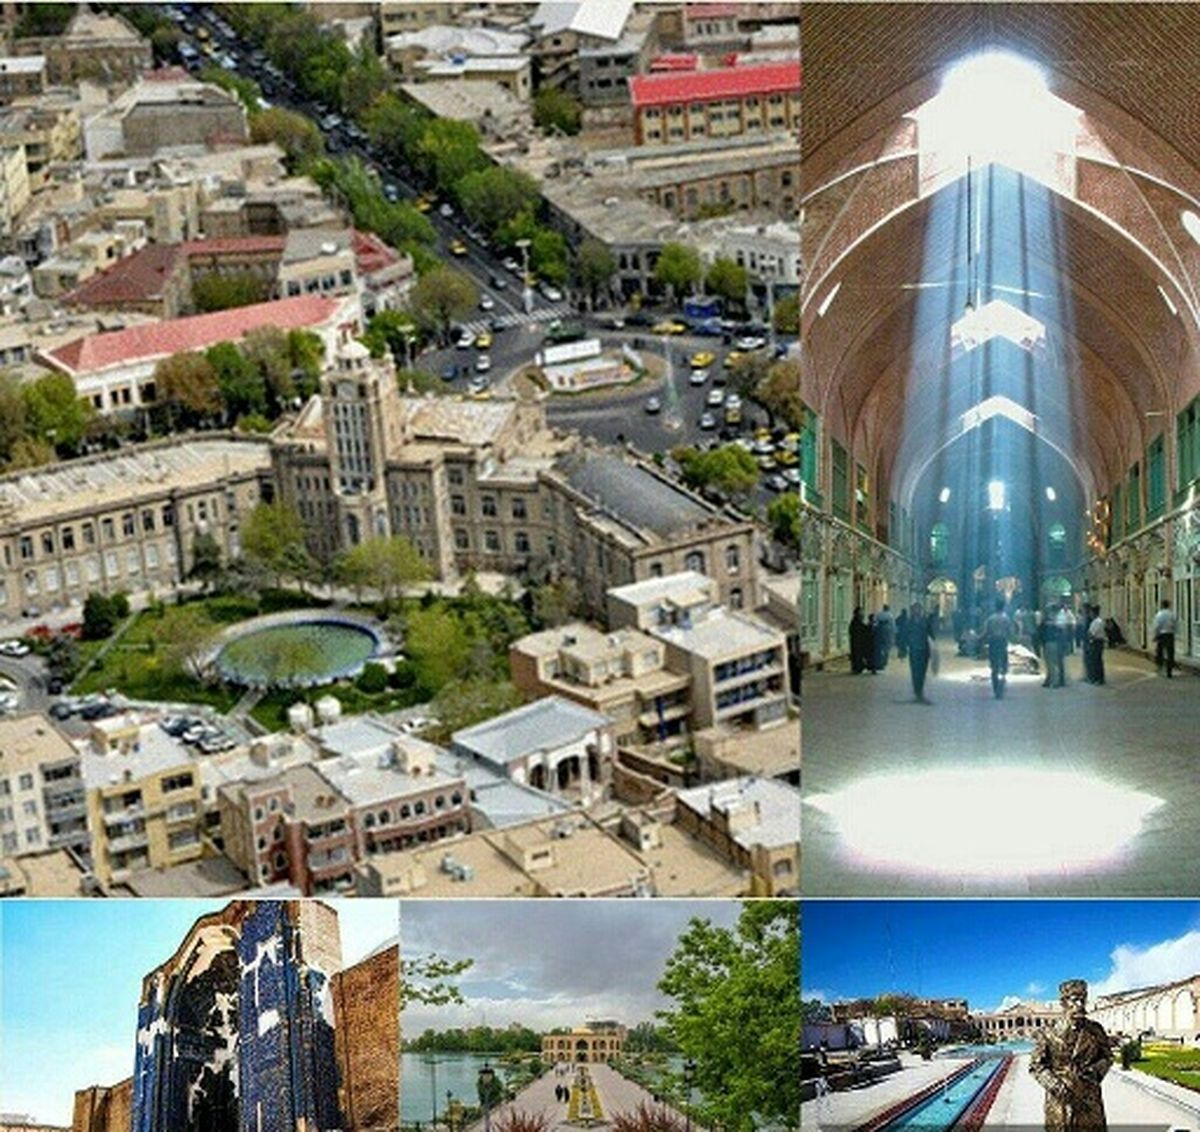 نوروز متفاوت شهر اولینها در حوزه گردشگری